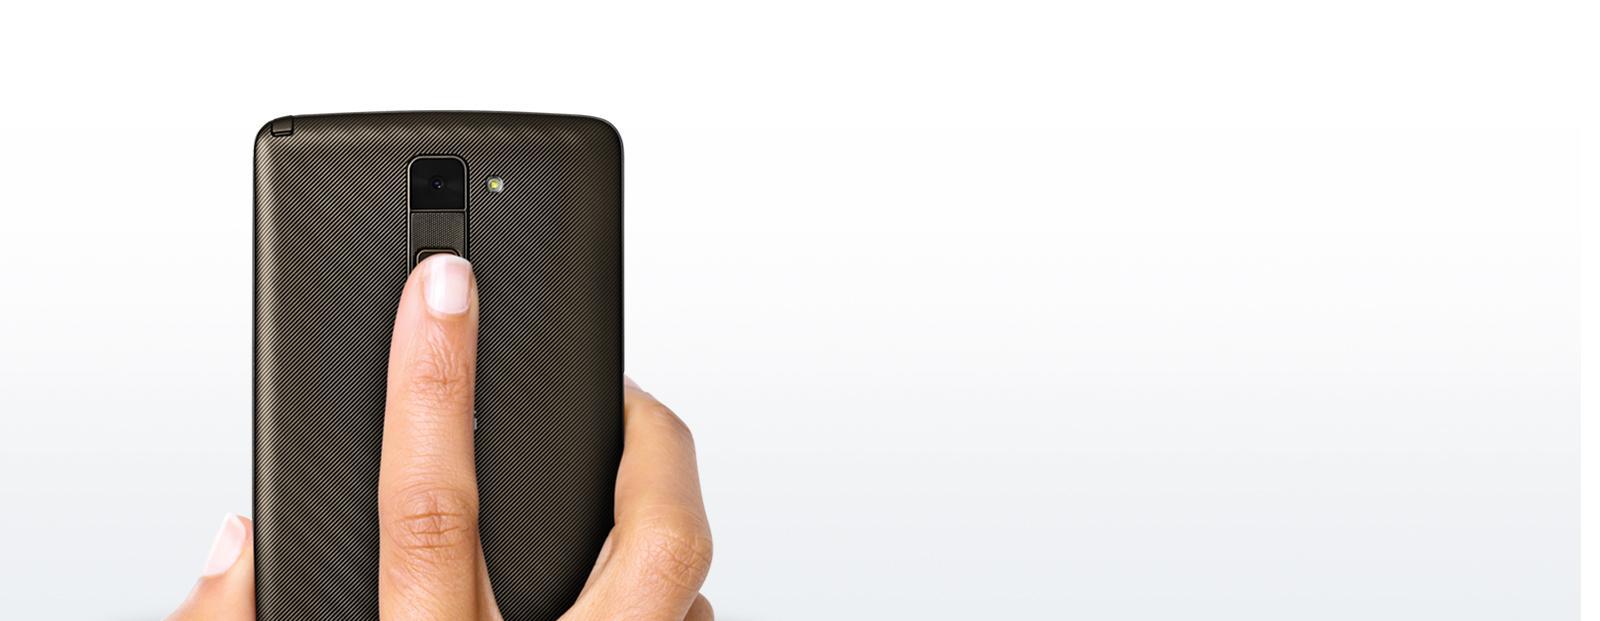 LG Stylo 2 Plus özellikleri açıklandı, fiyatı belli oldu! 8